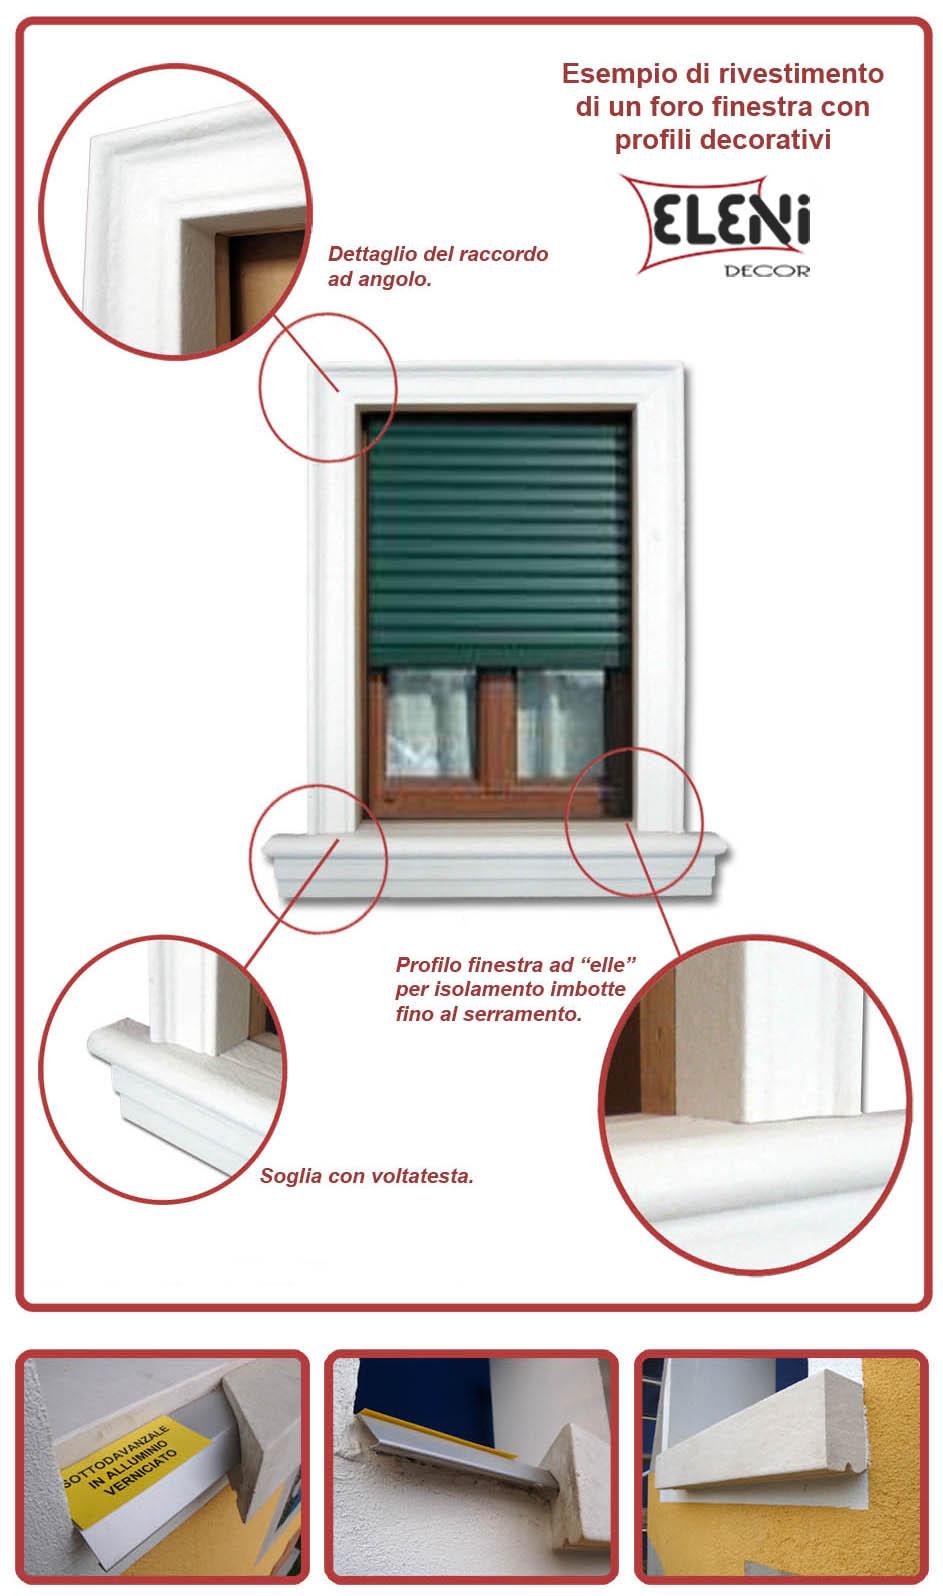 Dettagli di un contorno finestra Eleni Decor con davanzale e cornici in polistirolo